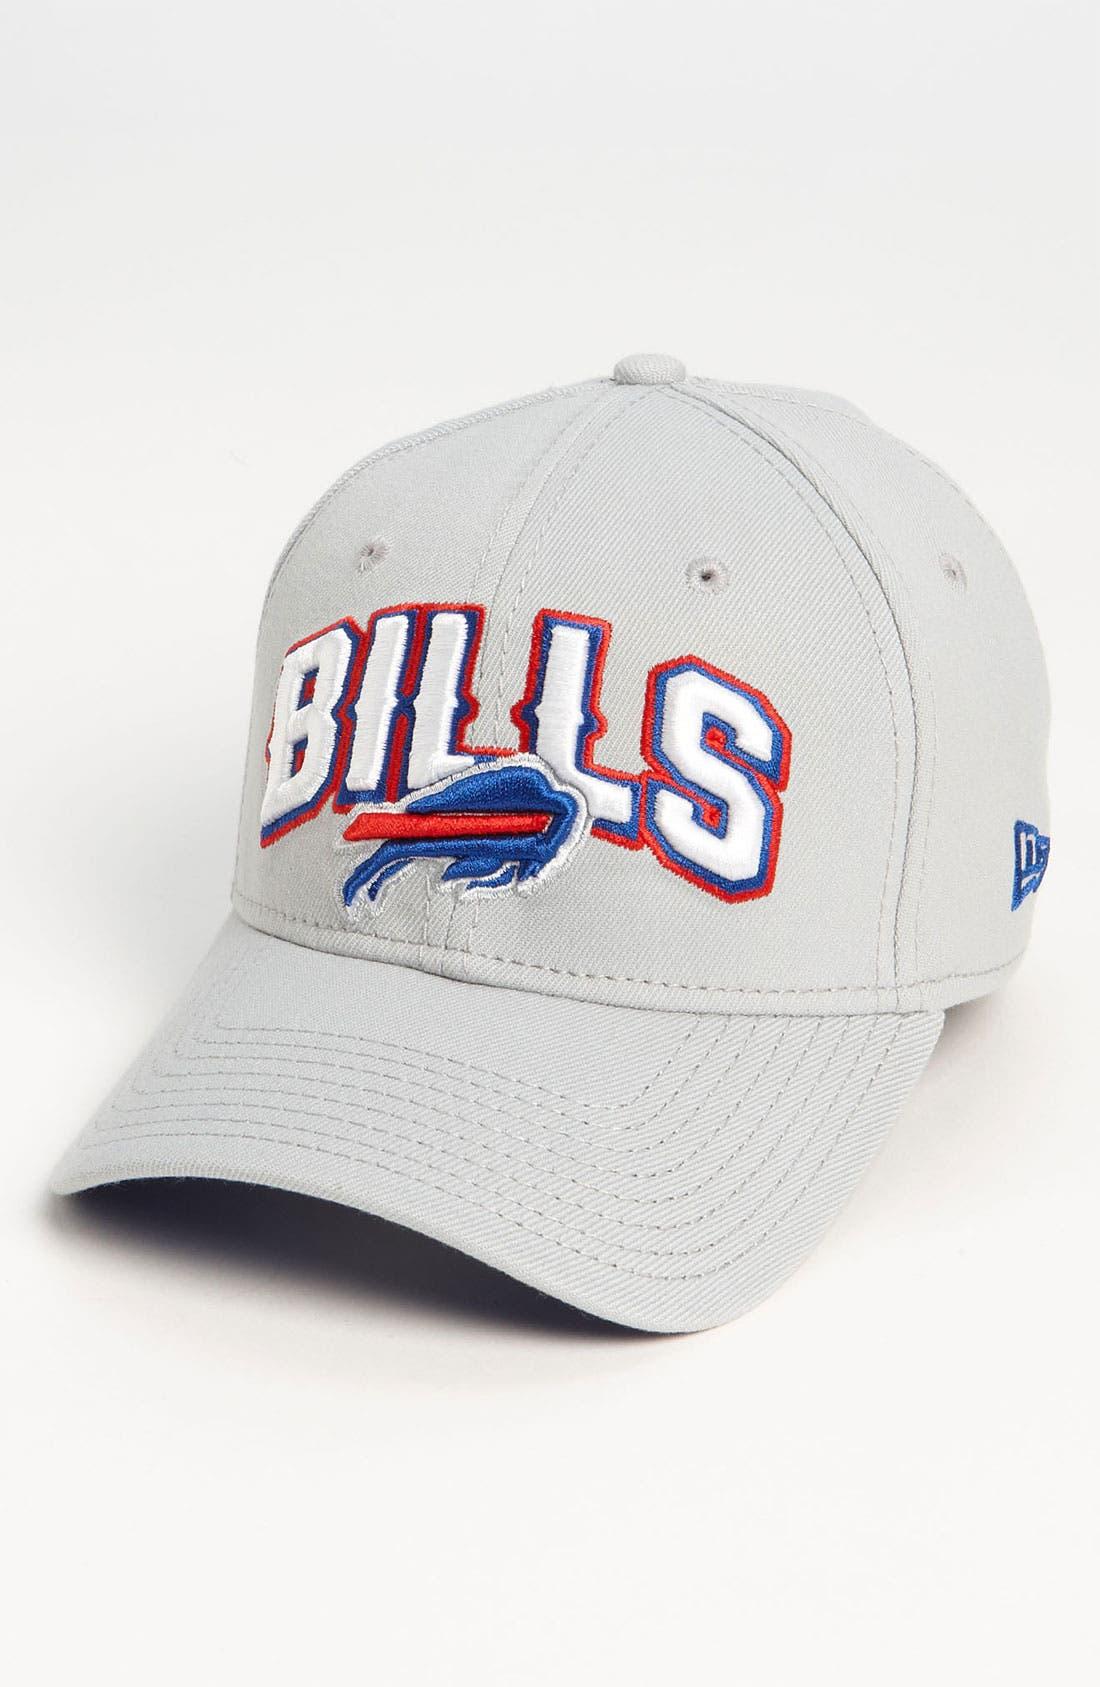 Alternate Image 1 Selected - New Era Cap 'NFL Draft - Buffalo Bills' Baseball Cap